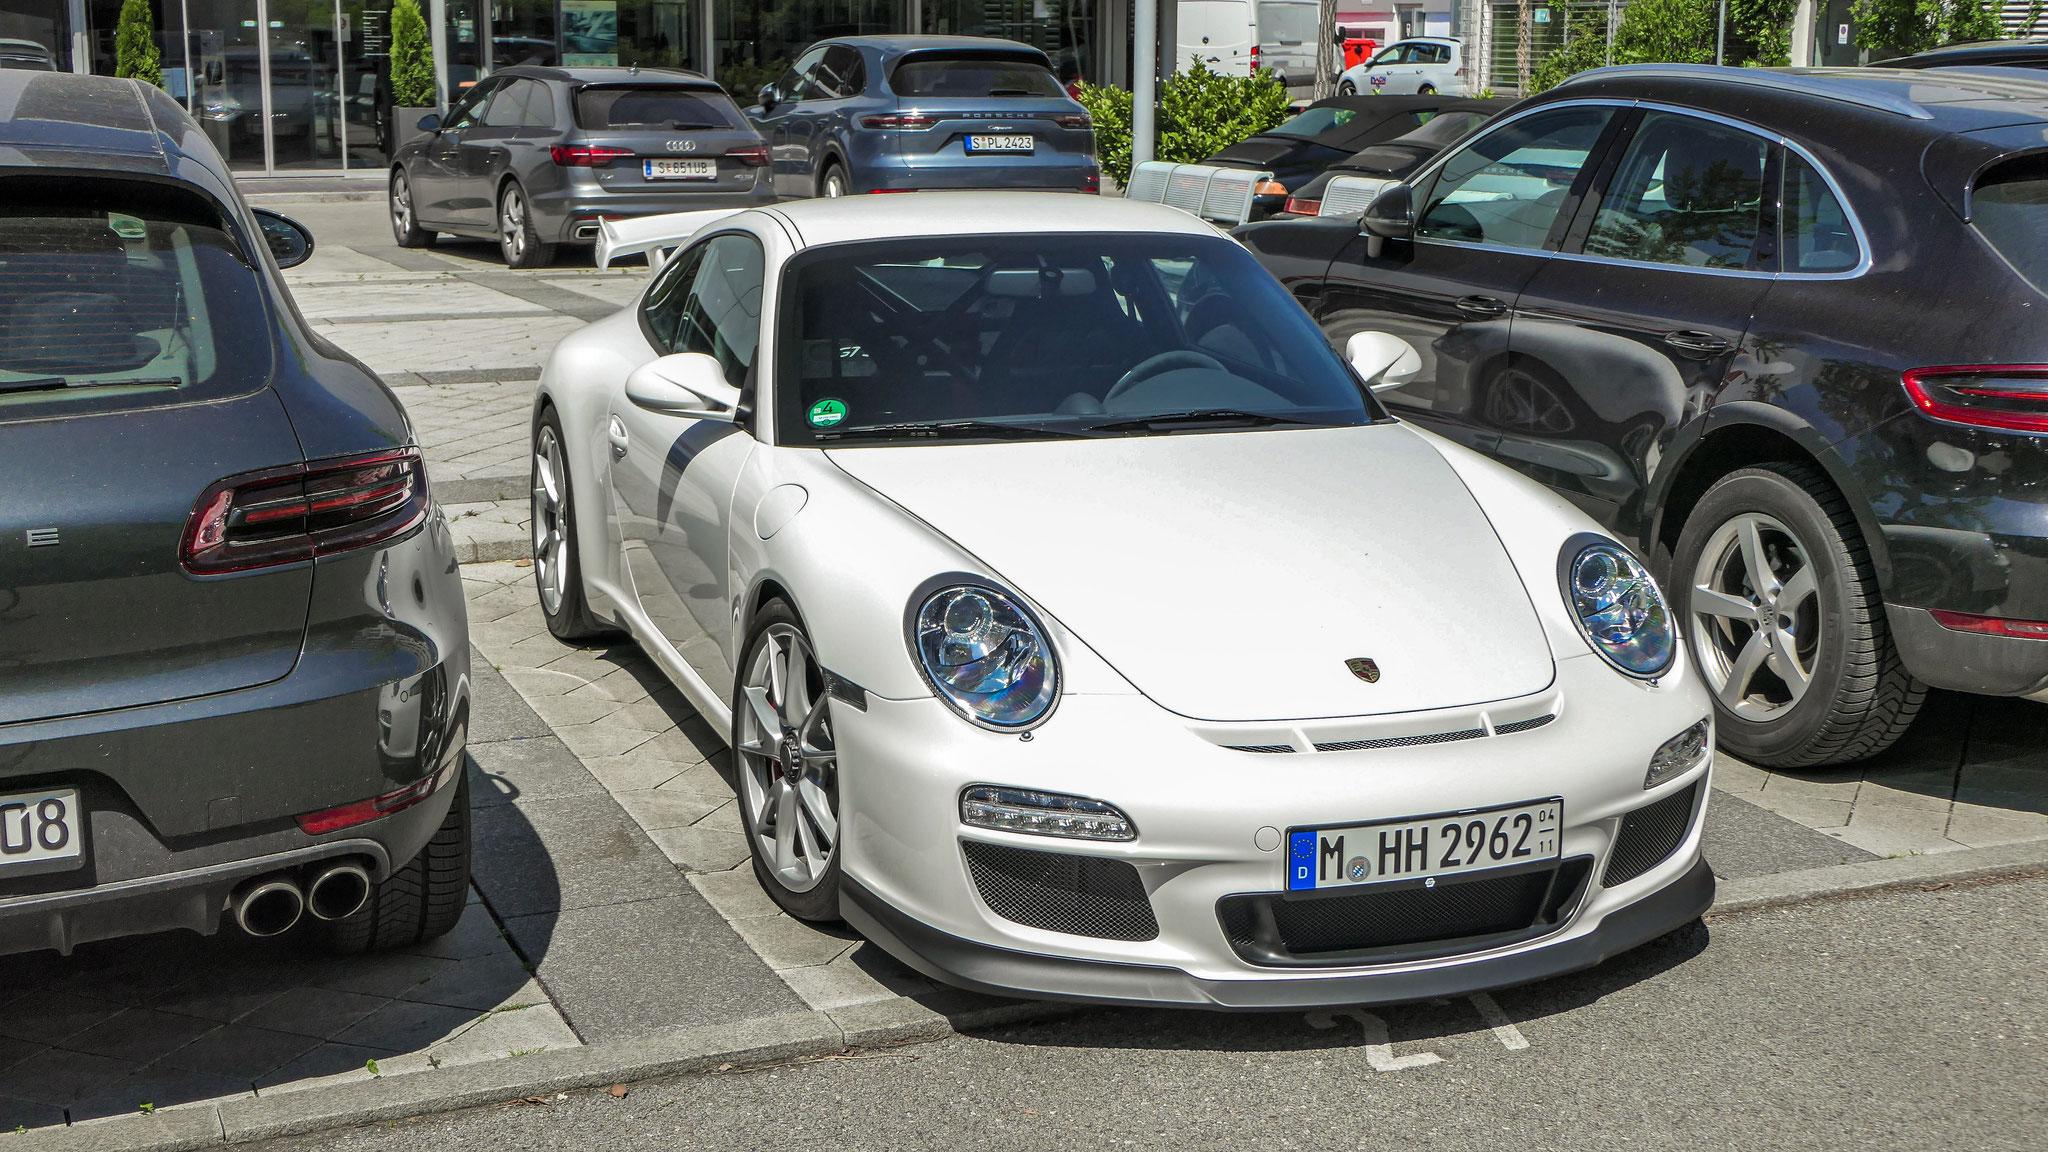 Porsche GT3 997 - M-HH-2962